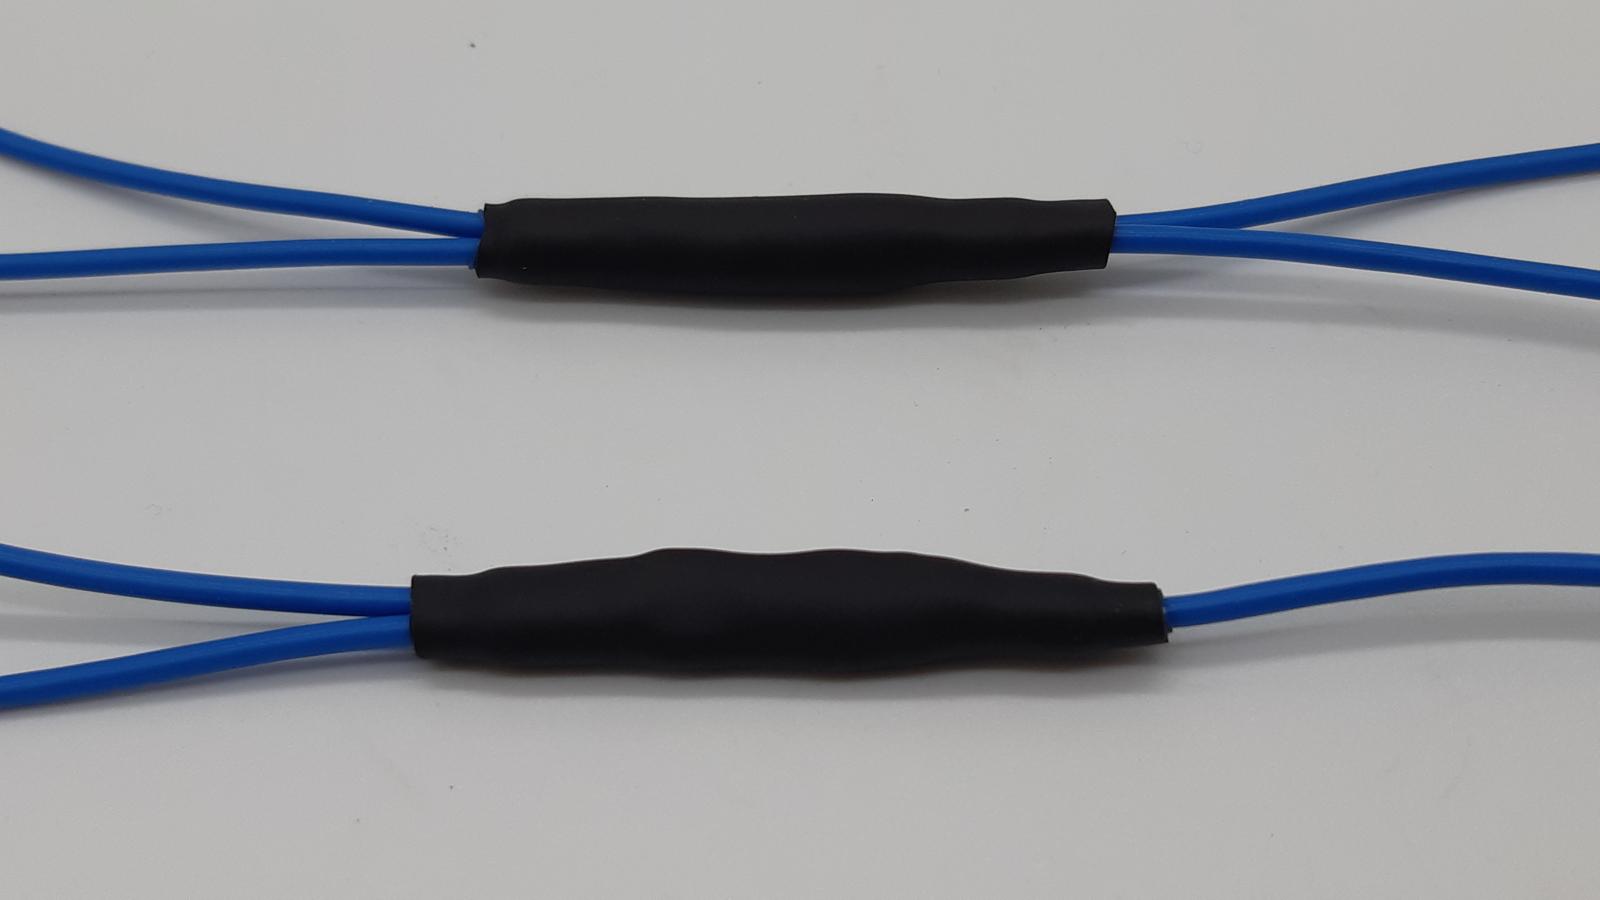 Vier- und Dreifachabzweig mit Schrumpfschlauch geschützt.